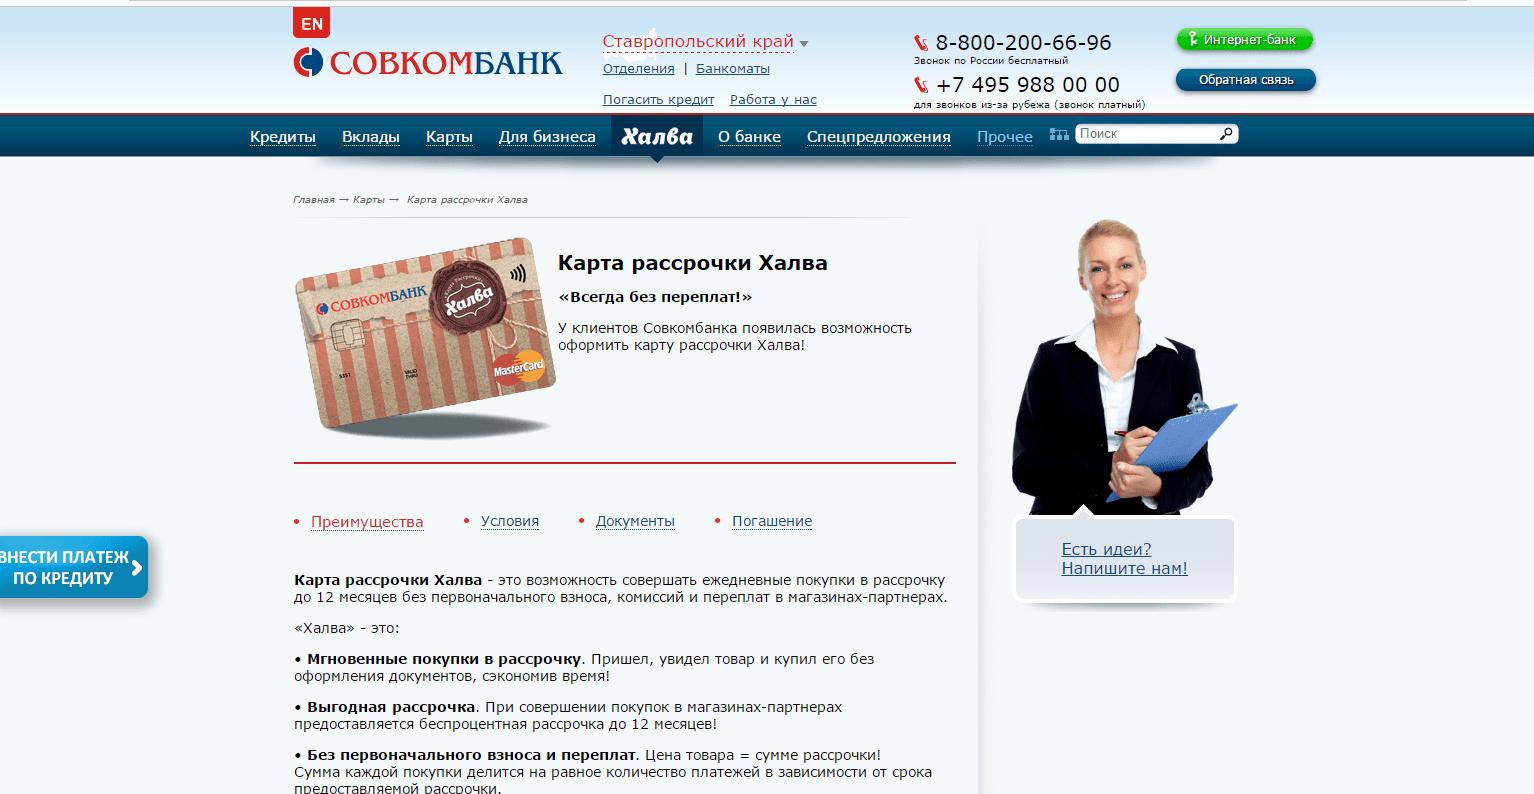 Отзывы о банке Тинькофф Банк мнения пользователей и